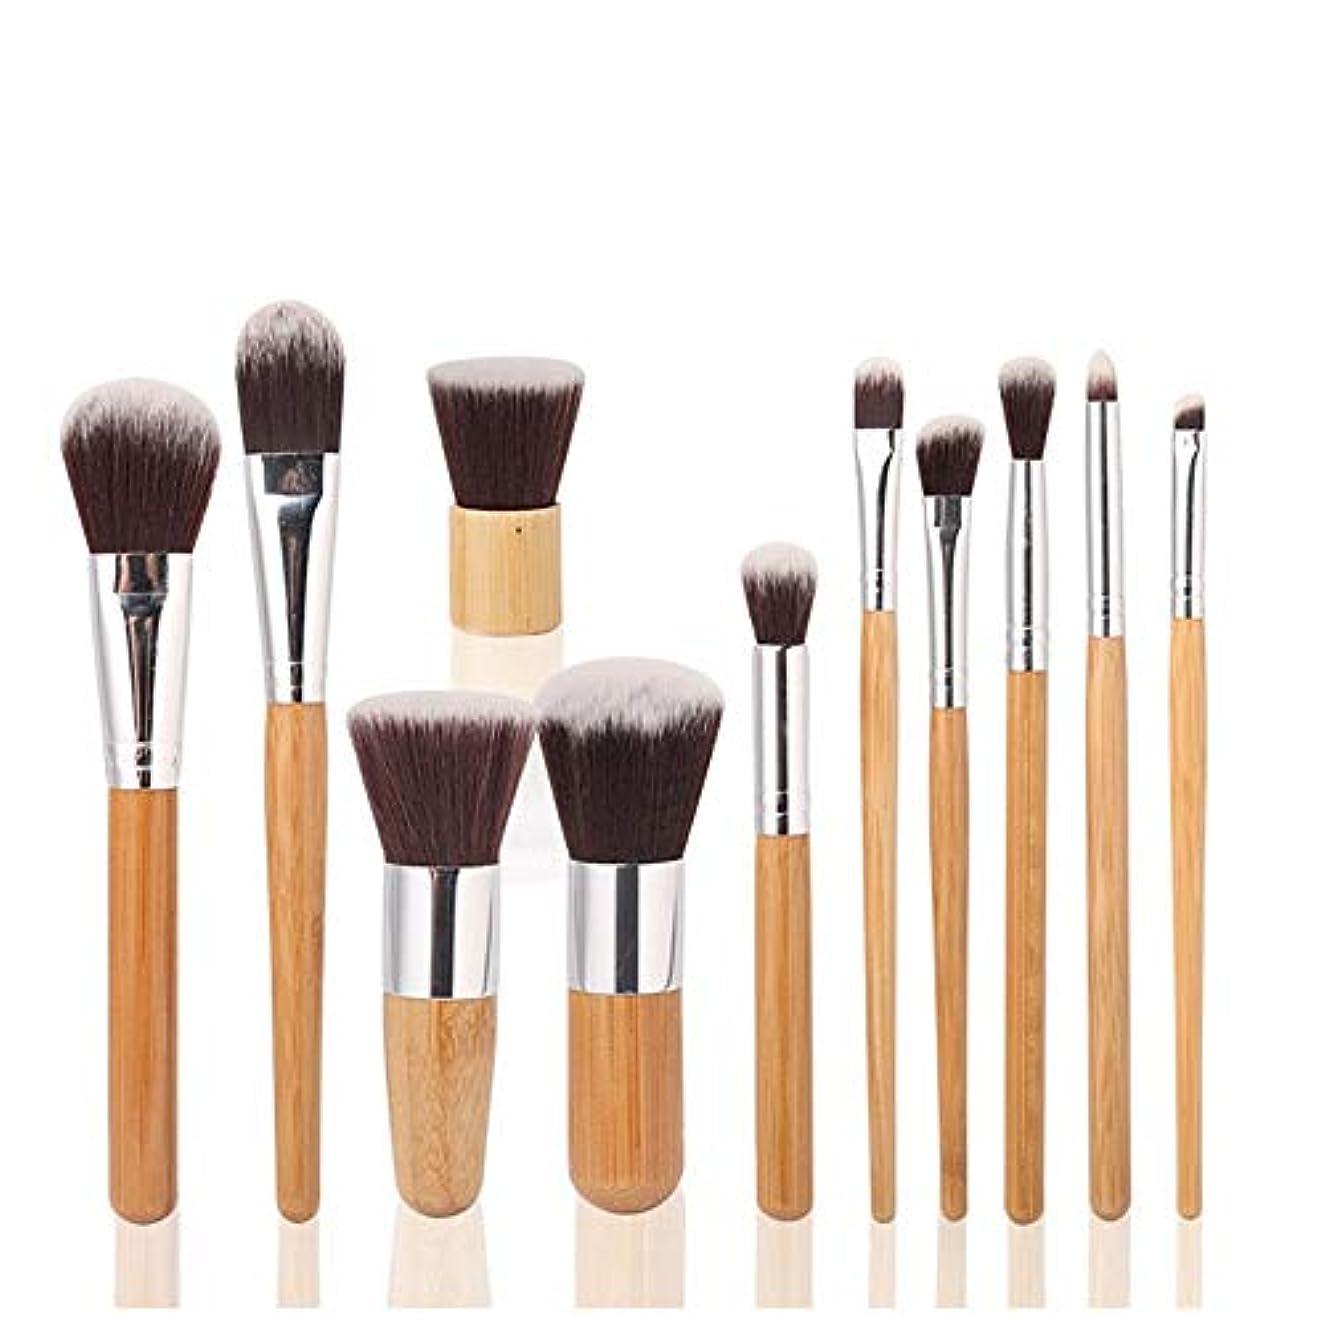 ヒゲ許す邪魔するMakeup brushes 11竹ハンドル化粧ブラシツールポータブルセットコンシーラー美容化粧放電組み合わせリネンバッグを送信 suits (Color : Clear)